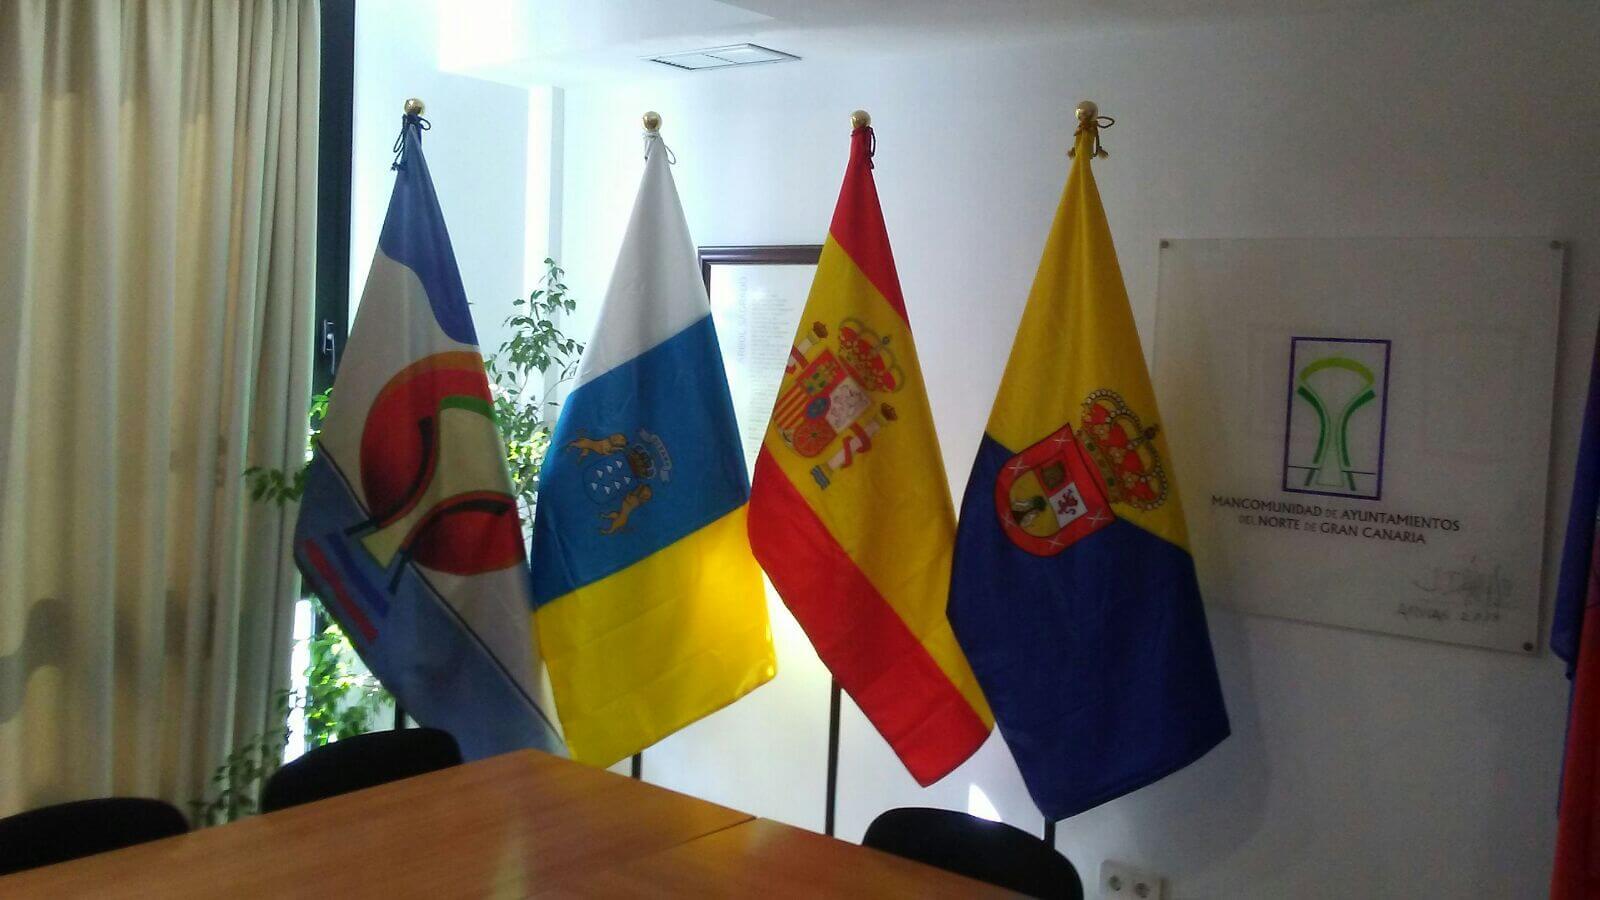 Artículos de protocolo en Gran canaria - Banderas Eventtos Canarias